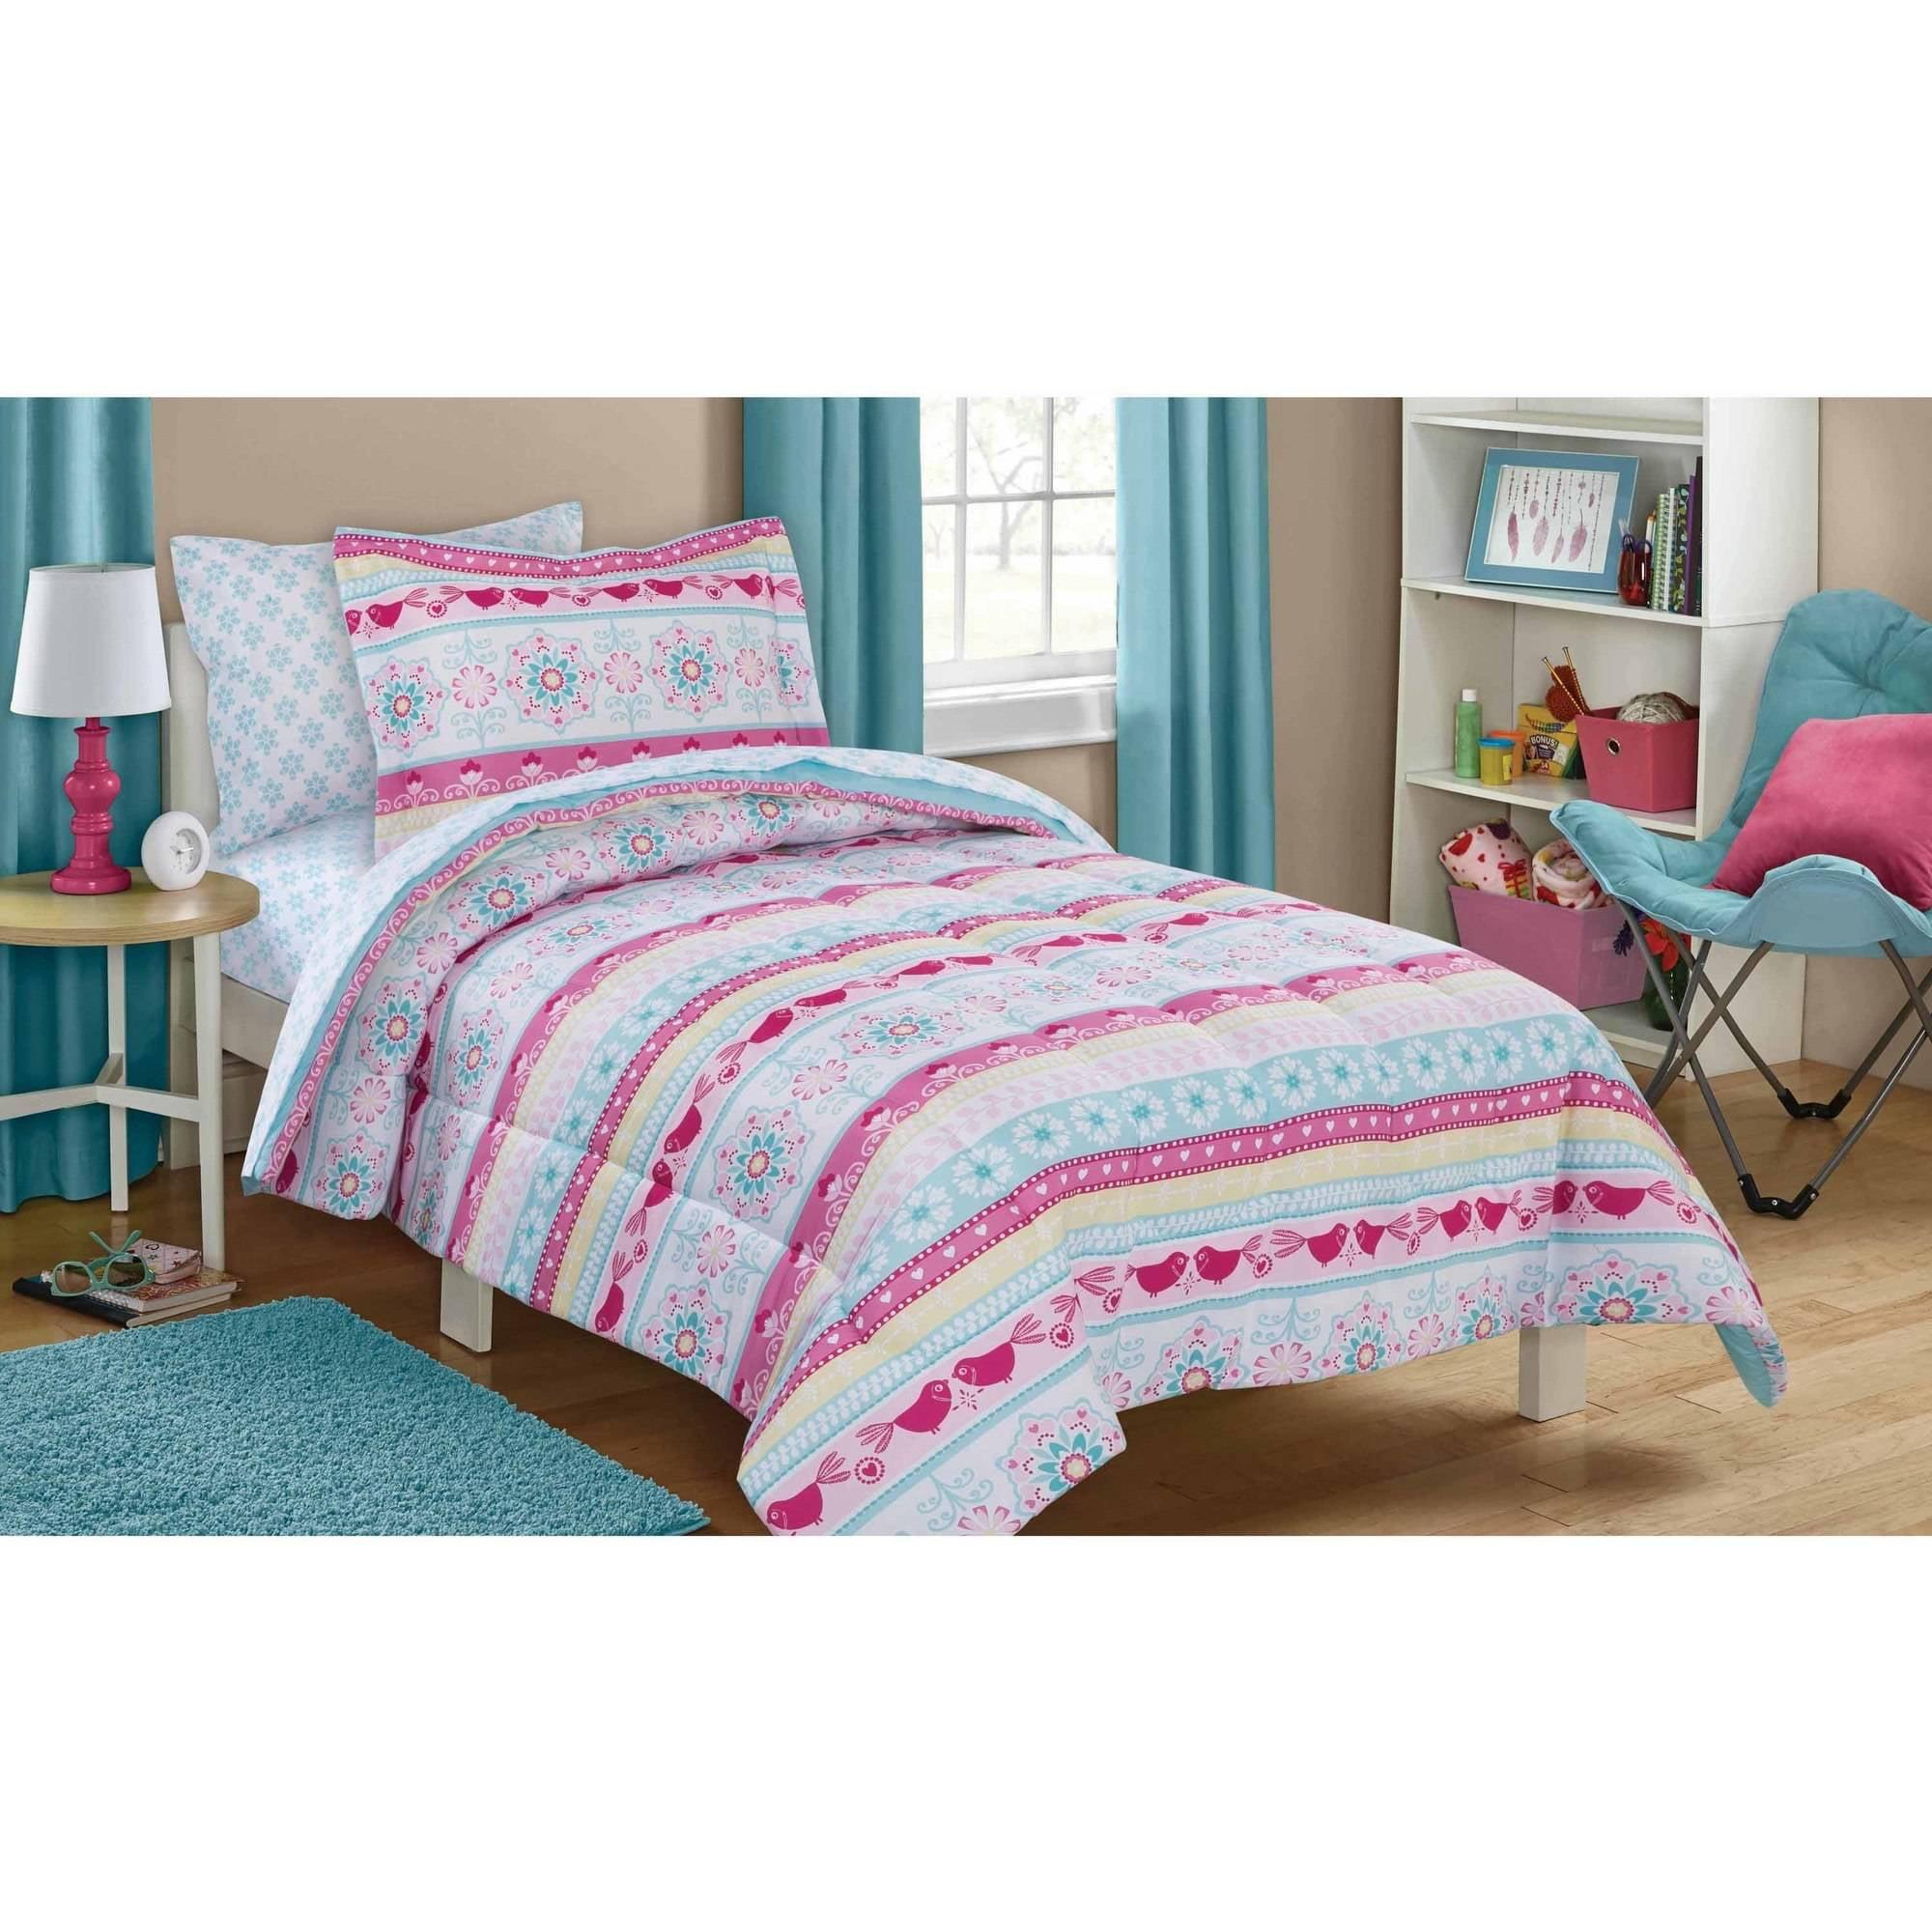 Mainstays Kids Folkloric Stripe Bed in a Bag Bedding Set